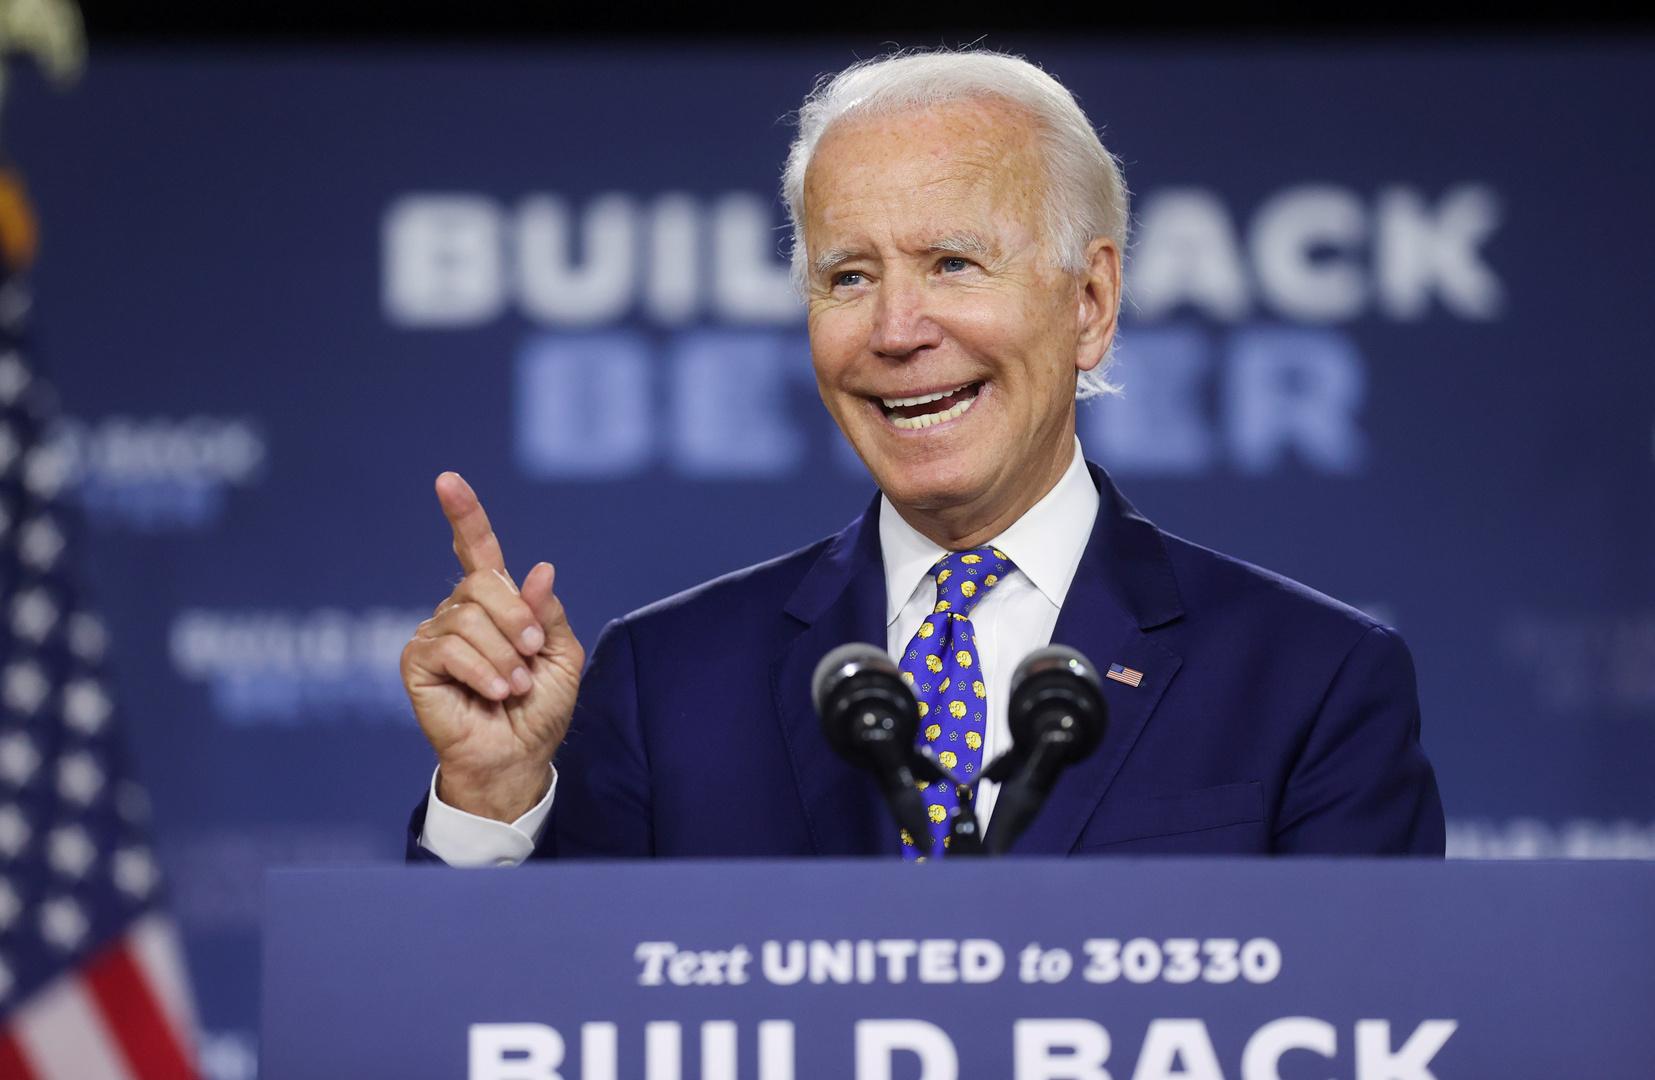 جو بايدن، المرشح الديمقراطي لانتخابات الرئاسة الأمريكية 2020